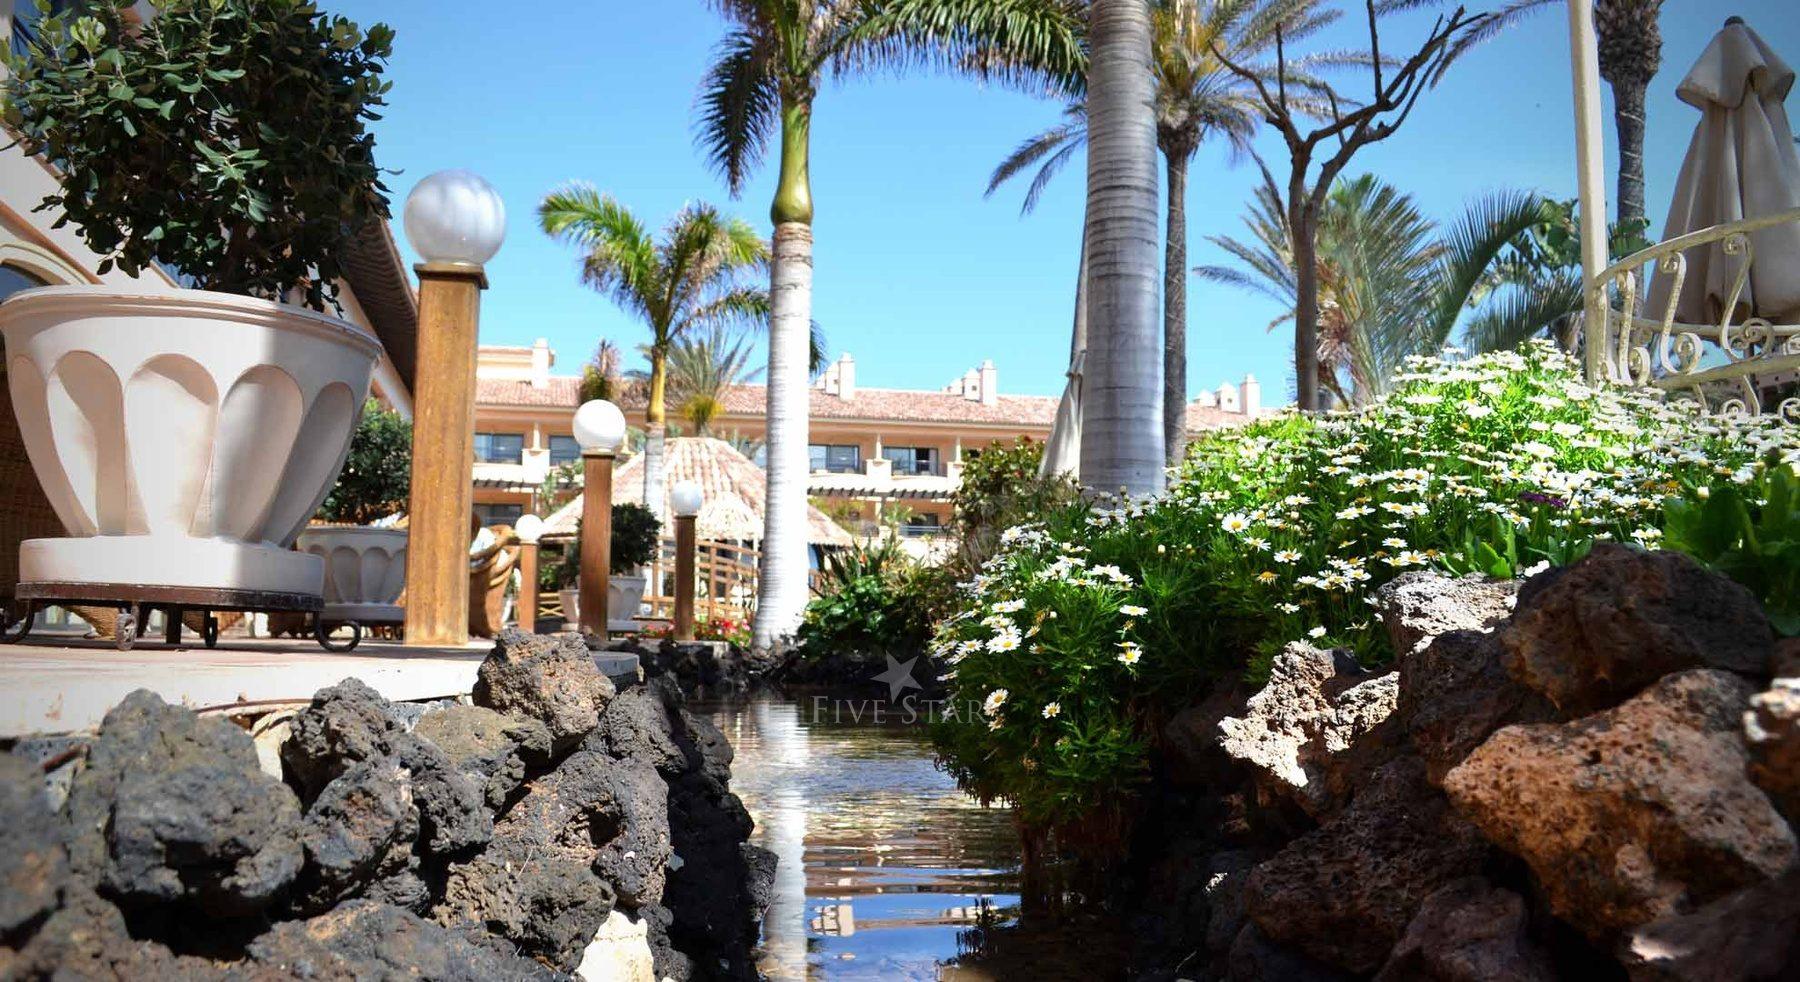 Gran Hotel Atlantis Bahia Real photo 16